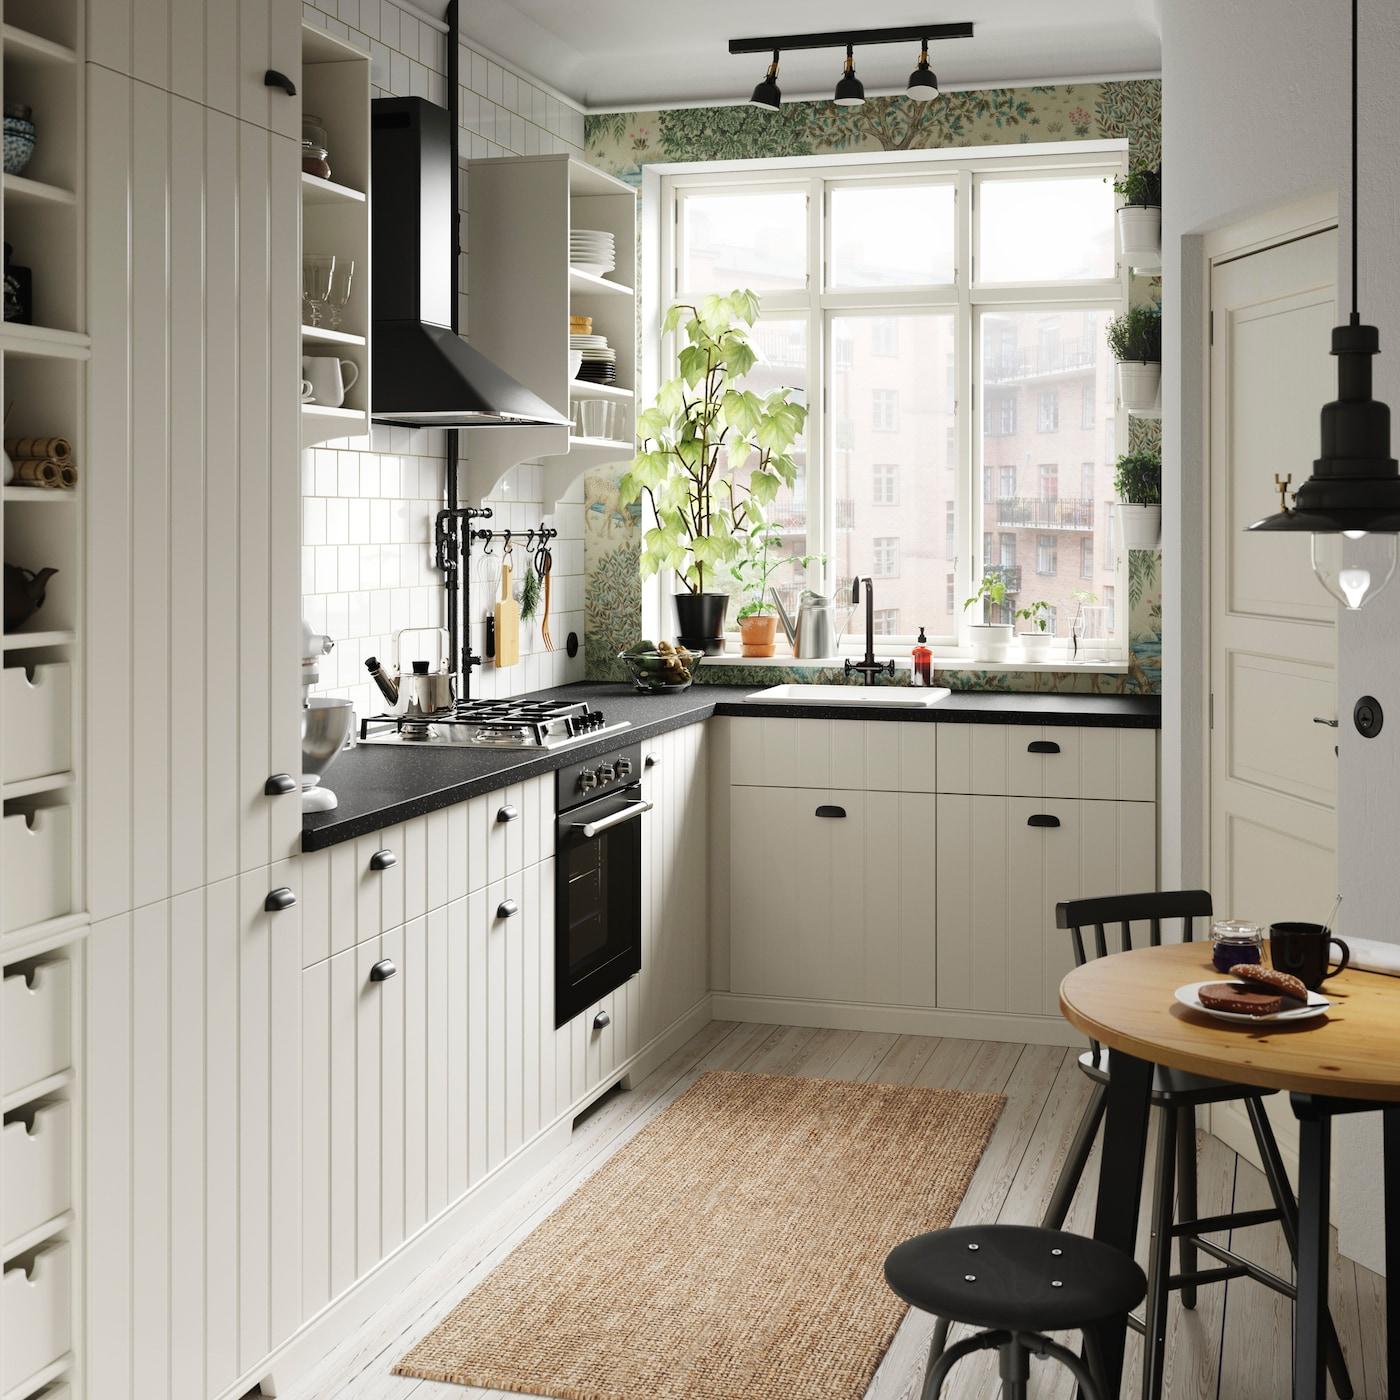 Full Size of Gemtliche Kche Zum Wohlfhlen Ikea Anrichte Sofa Mit Schlaffunktion Betten 160x200 Küche Kosten Modulküche Miniküche Bei Kaufen Wohnzimmer Schrankküchen Ikea